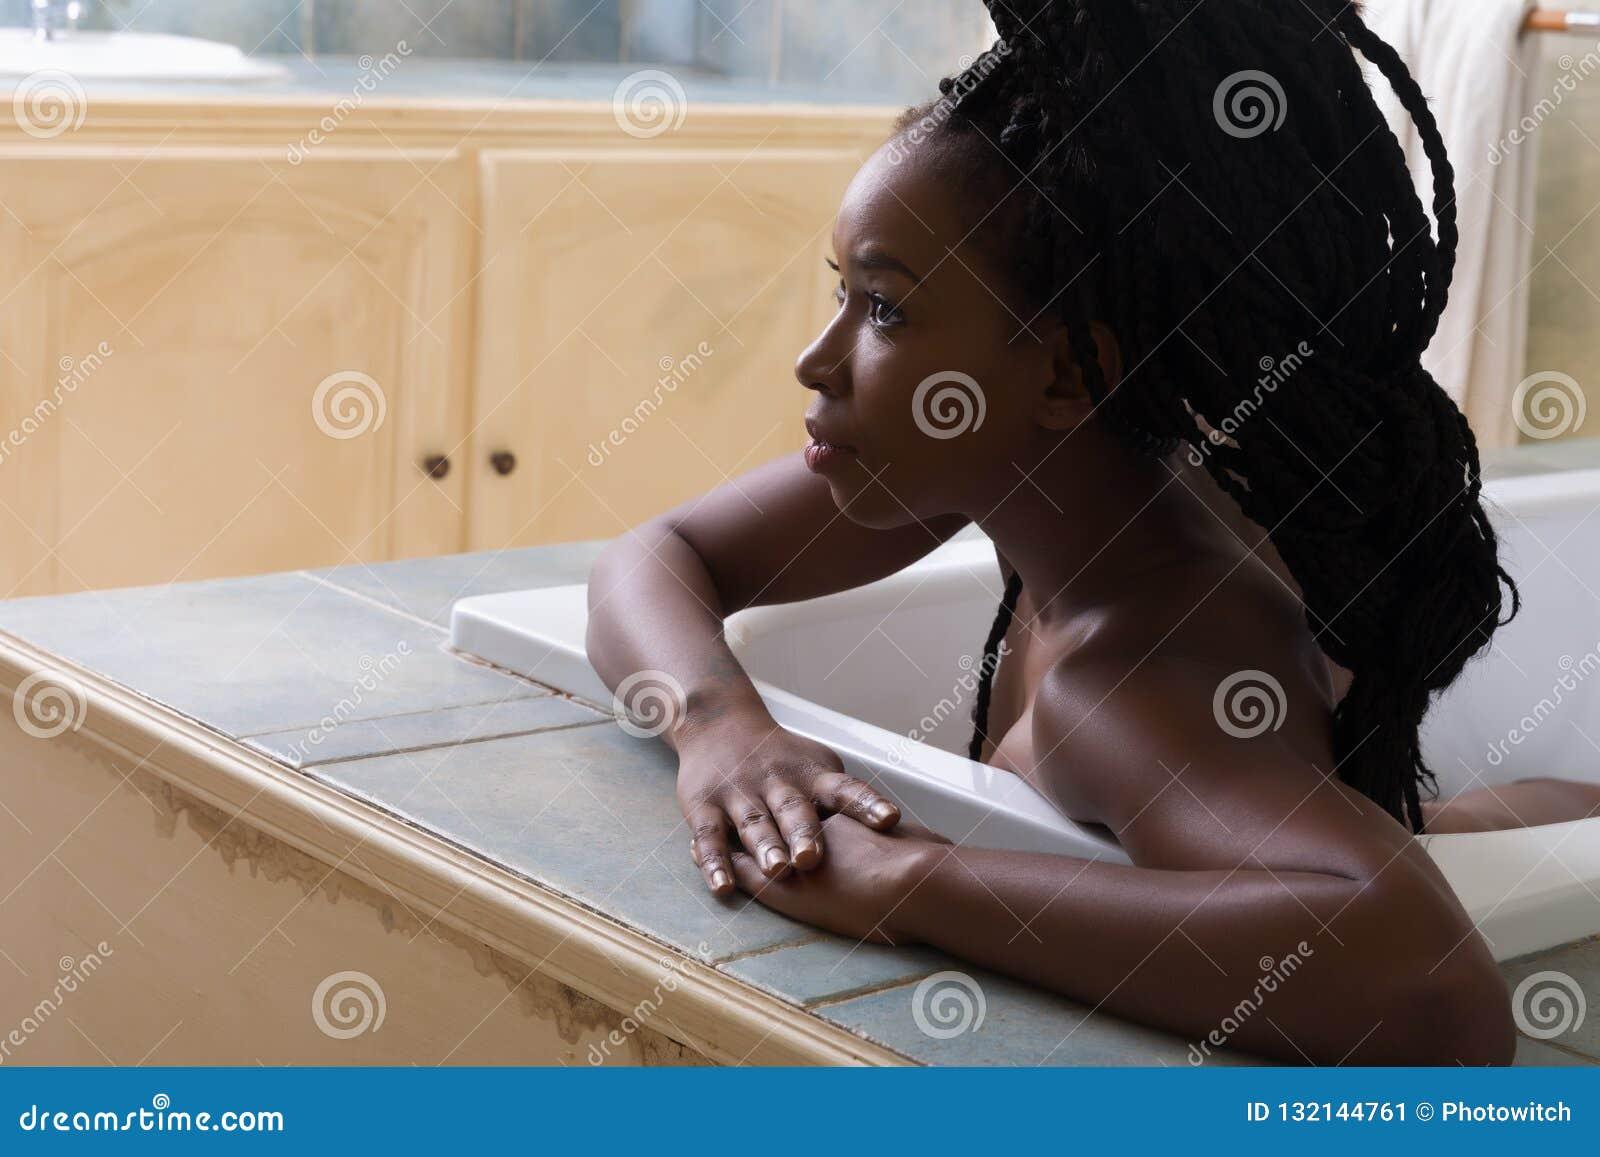 Mujer En Cuarto De Baño Con Hacer Excursionismo Imagen de ...